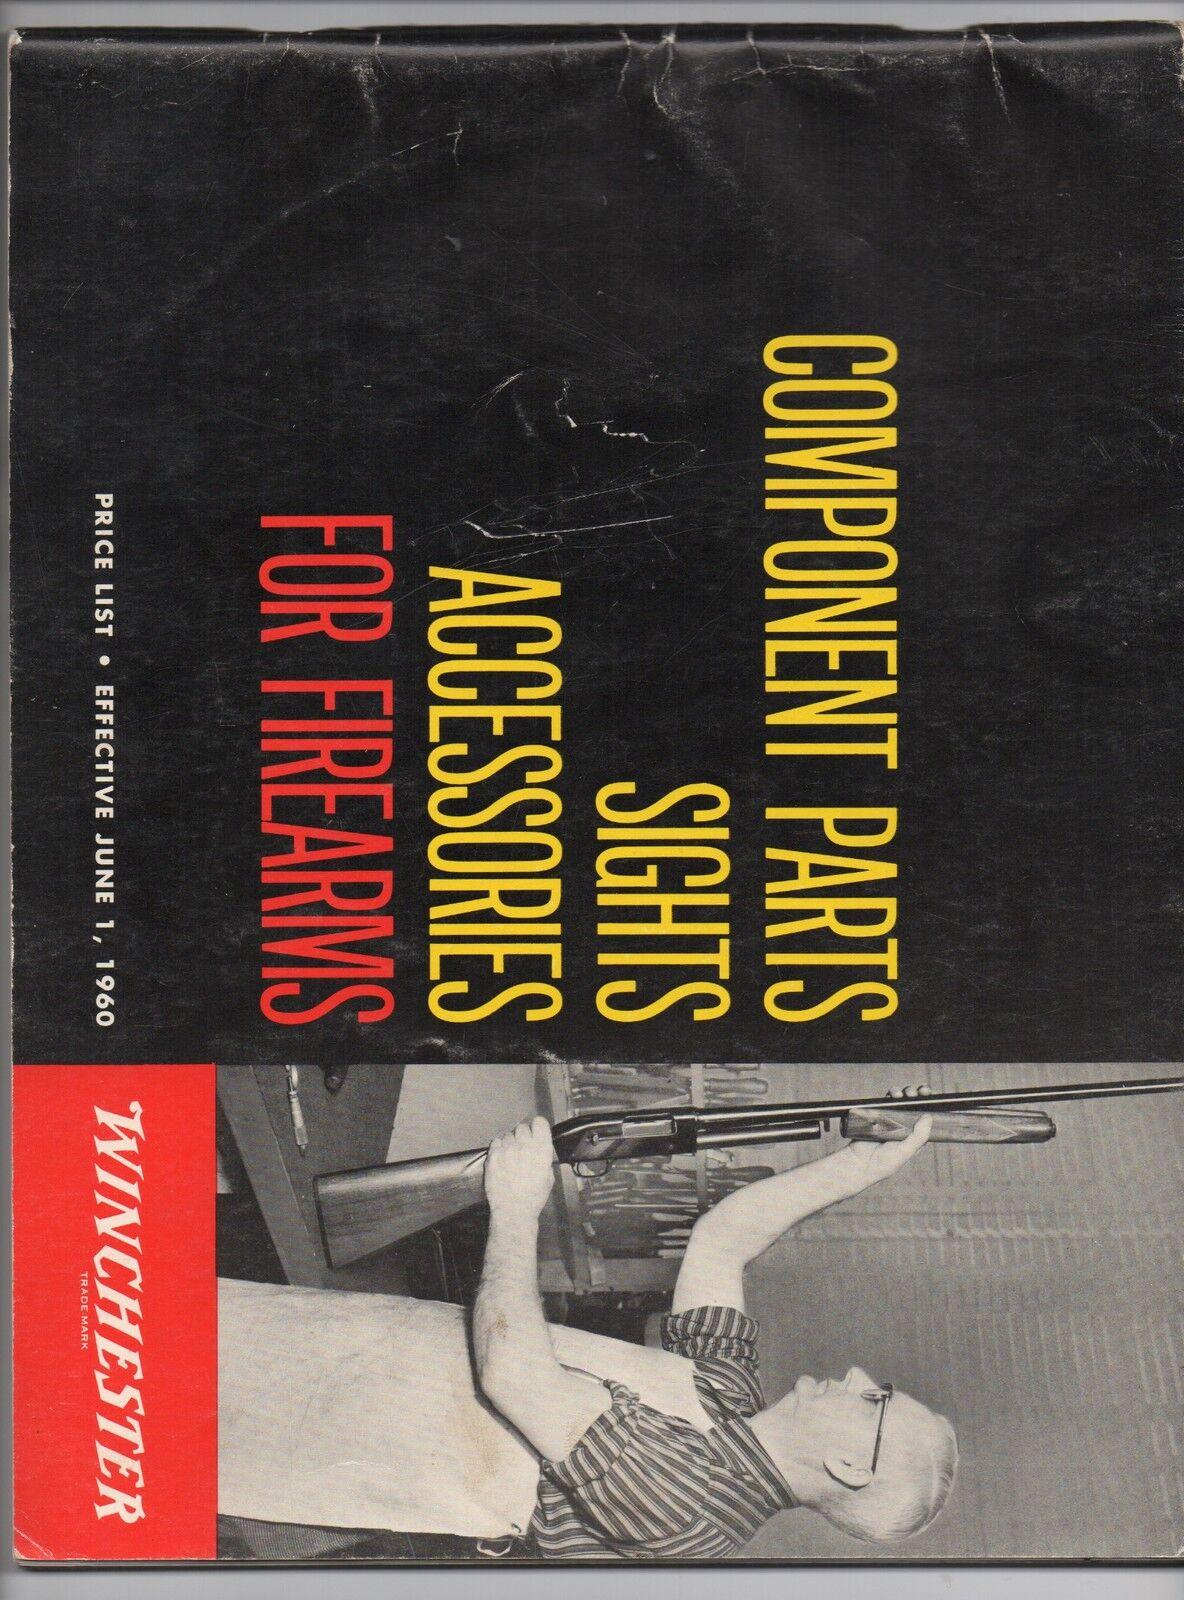 FOLLETO 1960 grande de piezas componentes y accesorios para Winchester Firearms